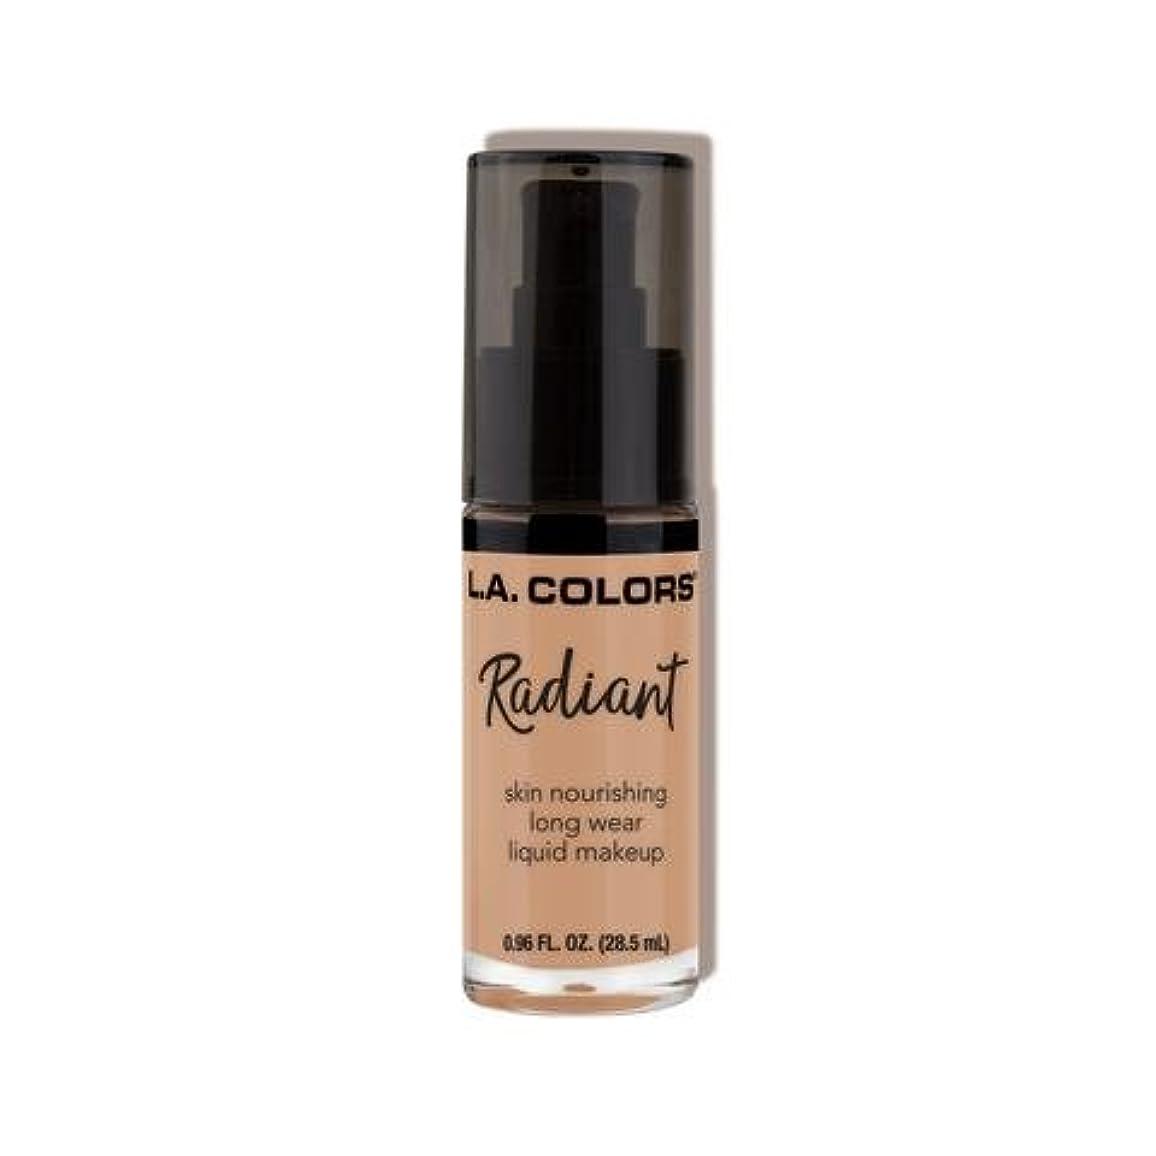 強制おっとやがて(3 Pack) L.A. COLORS Radiant Liquid Makeup - Fair (並行輸入品)